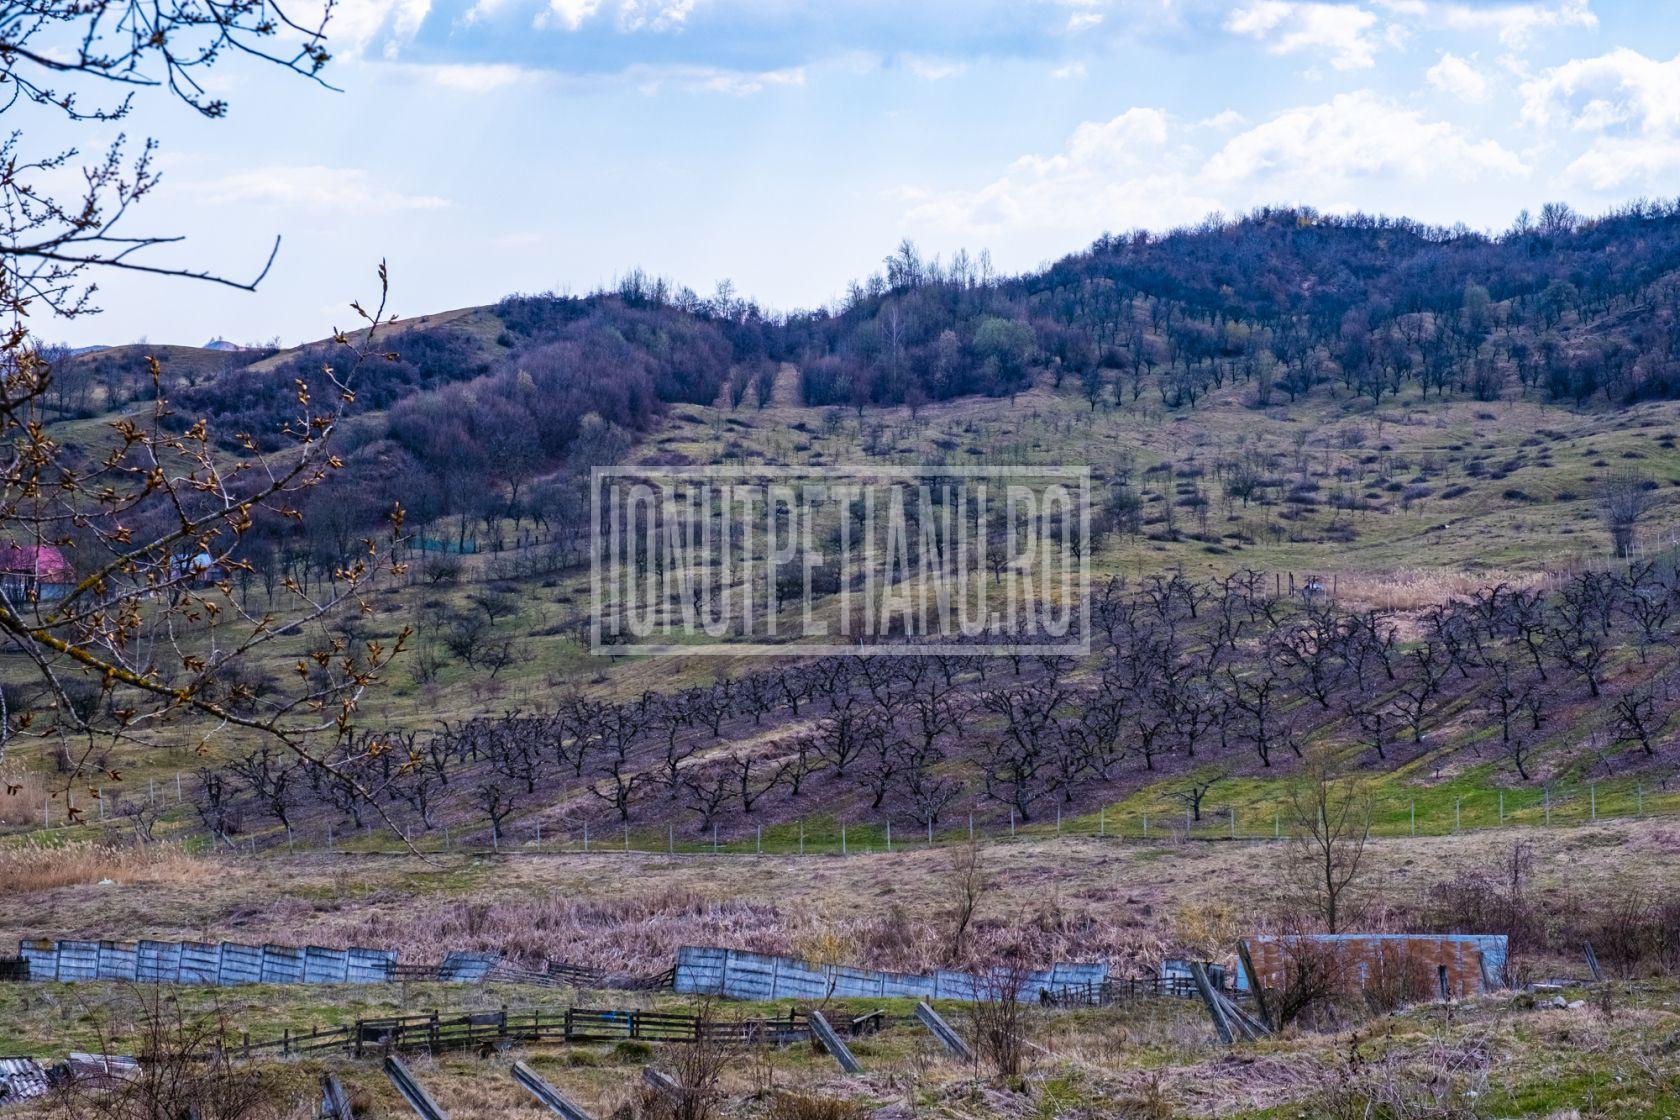 Breaza teren intravilan 5069mp, între livezi, utilități